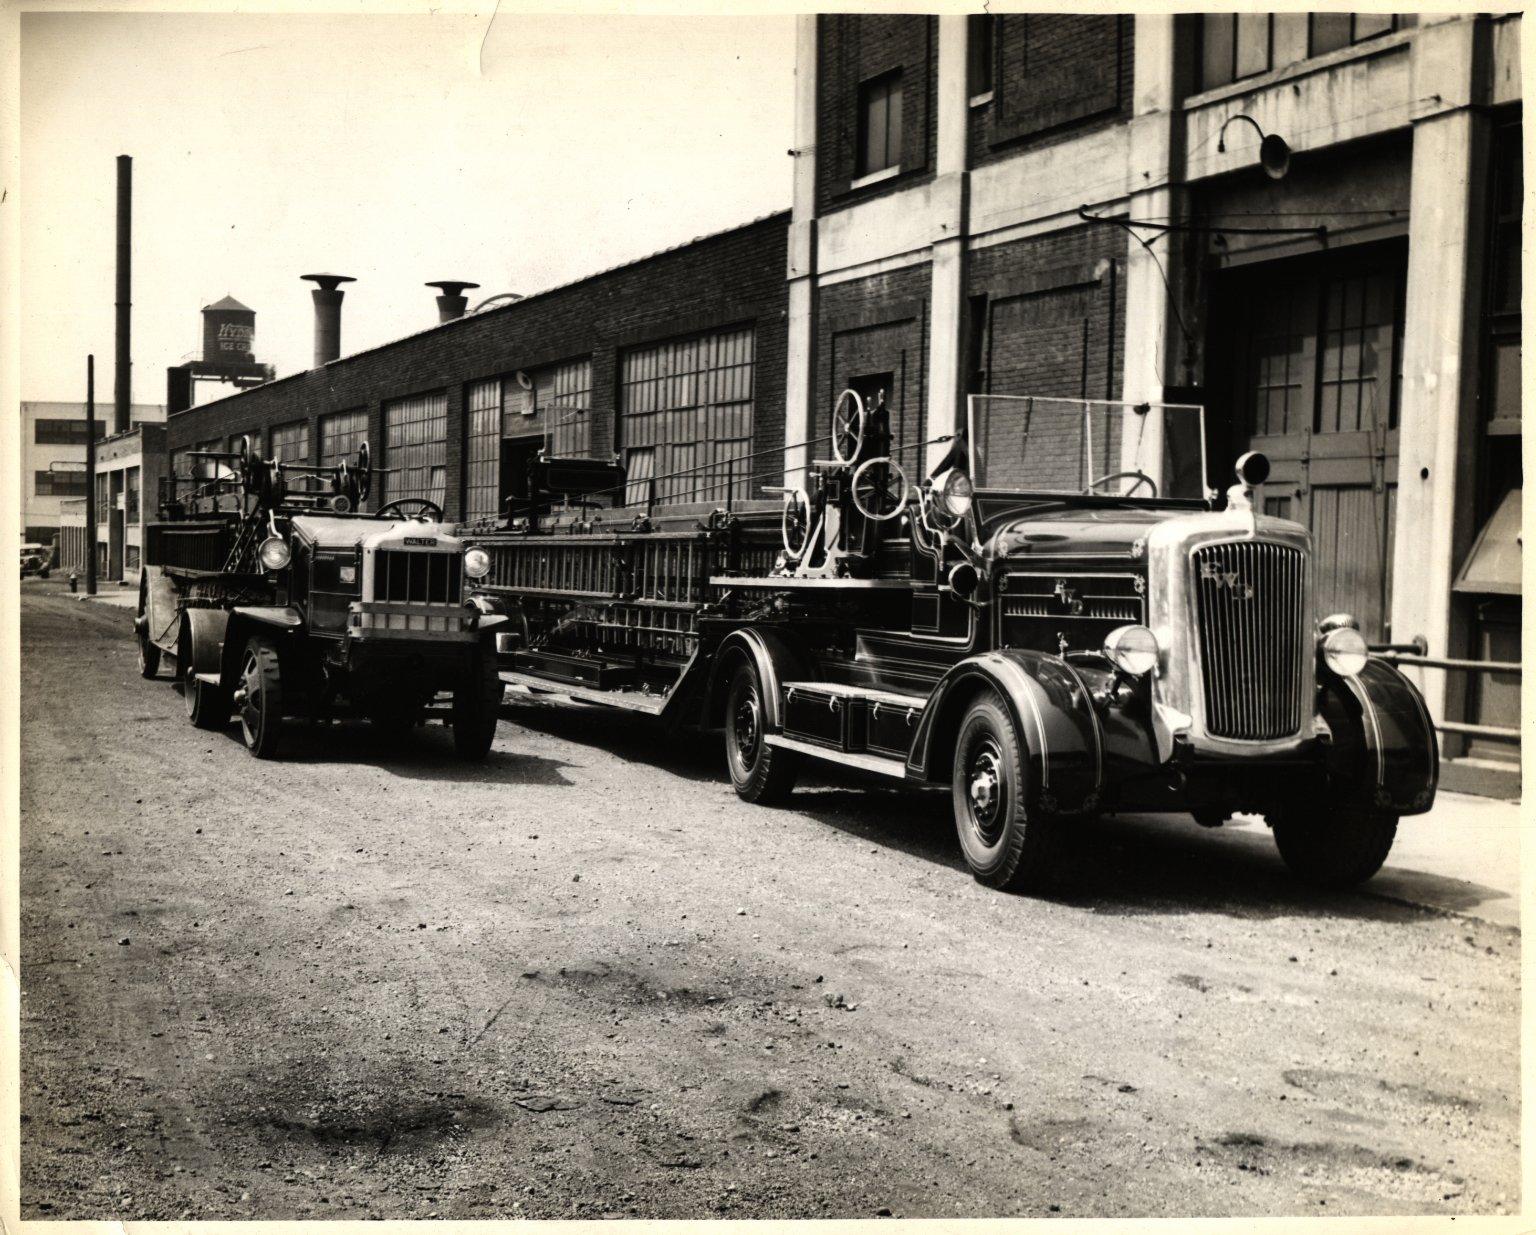 Водяная башня и автолестница. Нью-Йорк, США. 1930-е